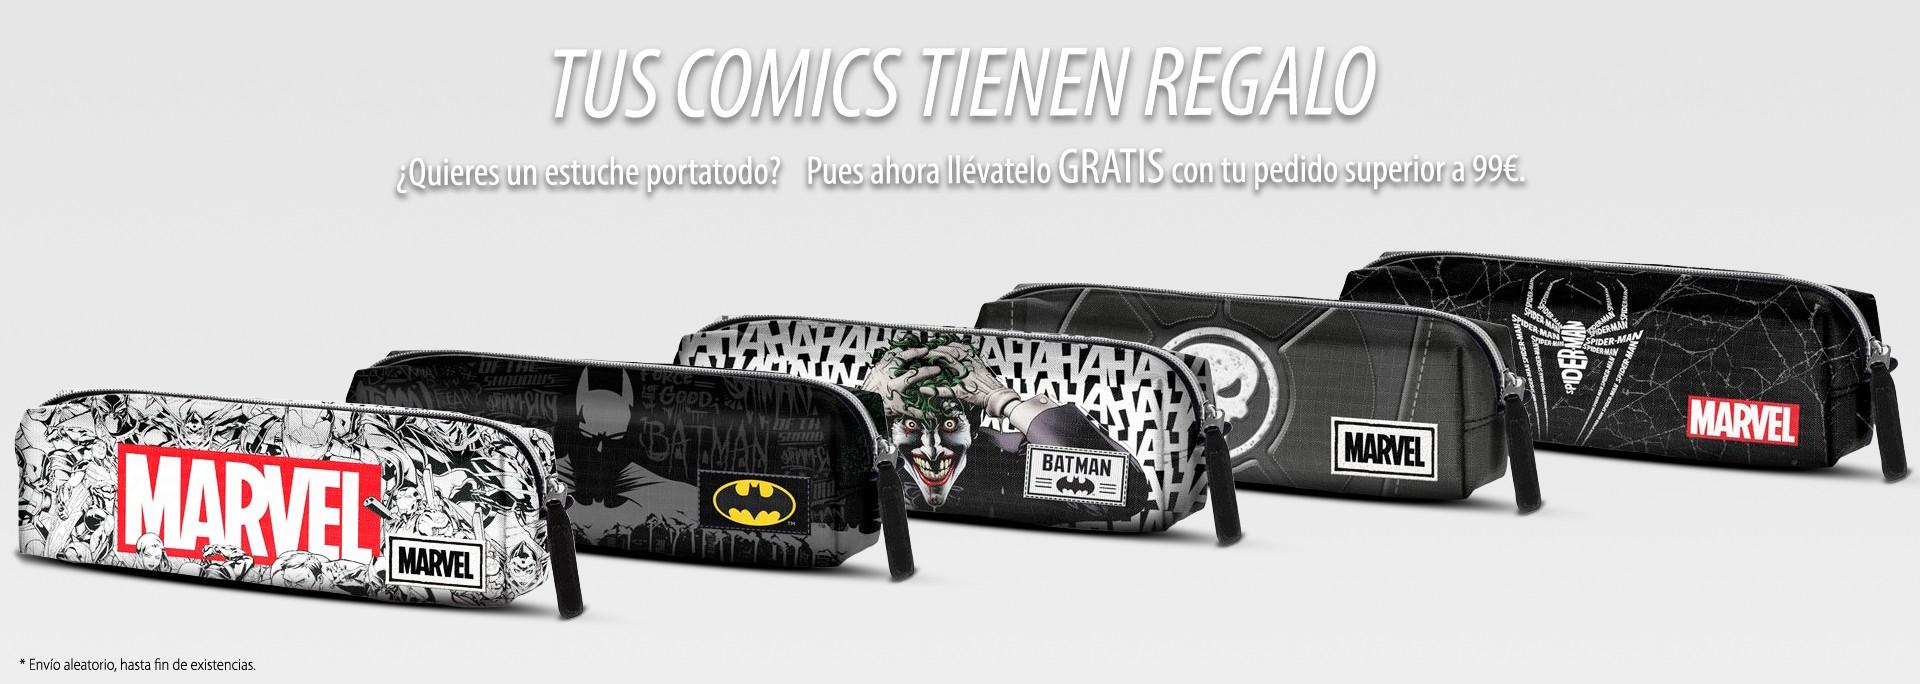 ComicSpain.com - Tus comics tienen regalo